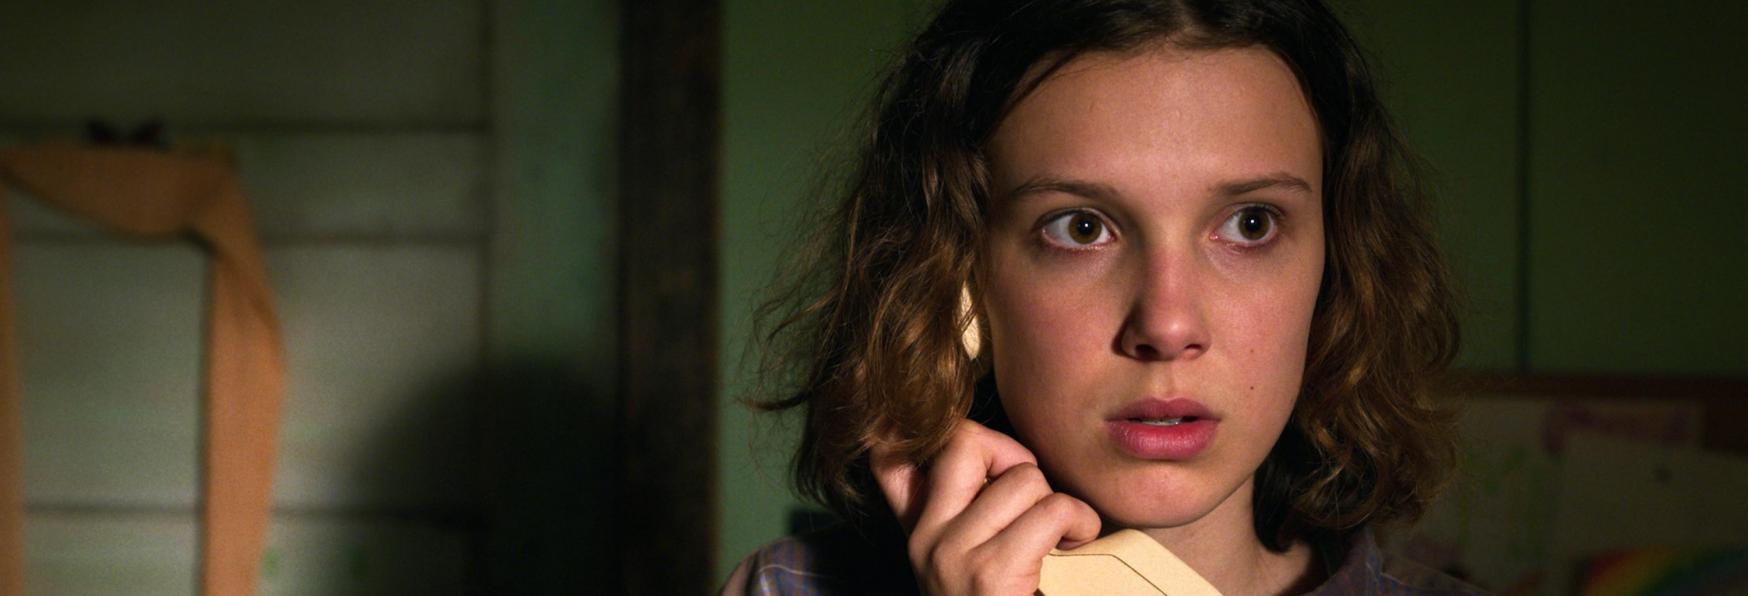 Stranger Things 4: Millie Bobby Brown impedisce a David Harbour di fare Spoiler sulla Stagione inedita